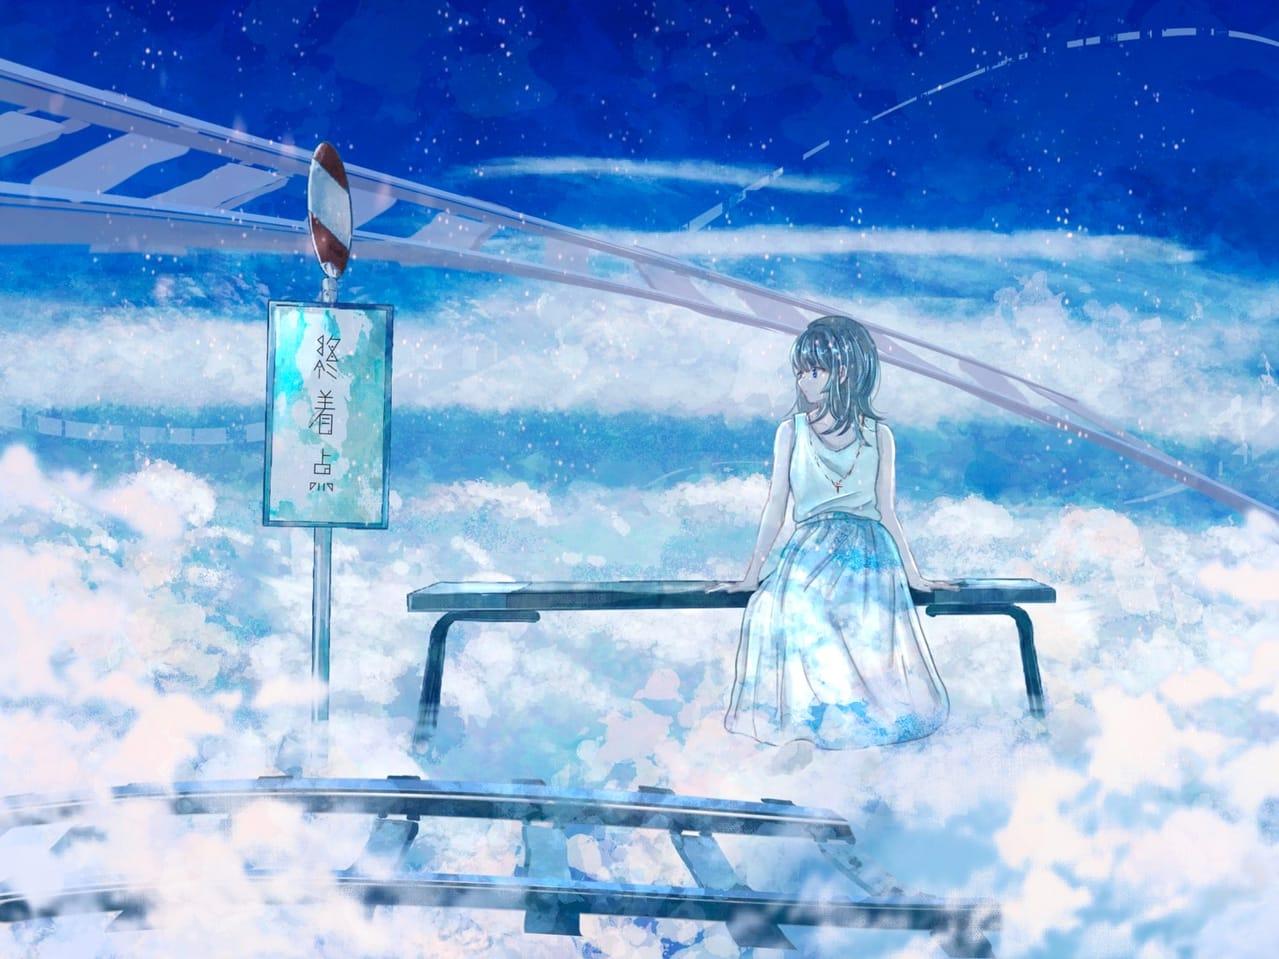 どこにもいけないのにね Illust of 熊谷のの scenery blue 幻想風景 background